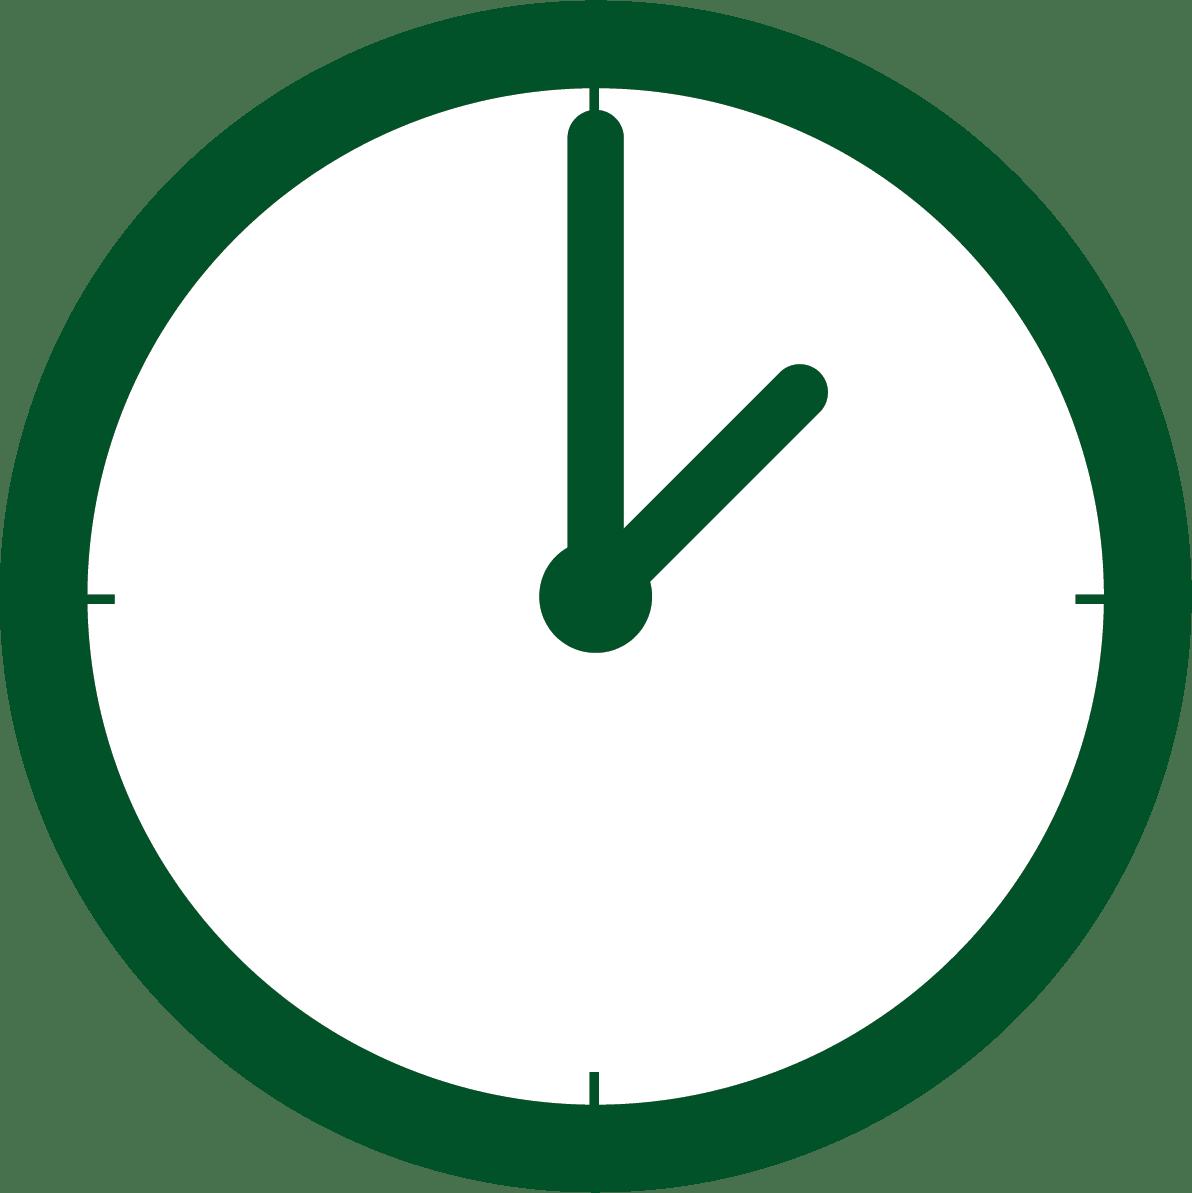 A nyári szünetben változik a munkanapi menetrend